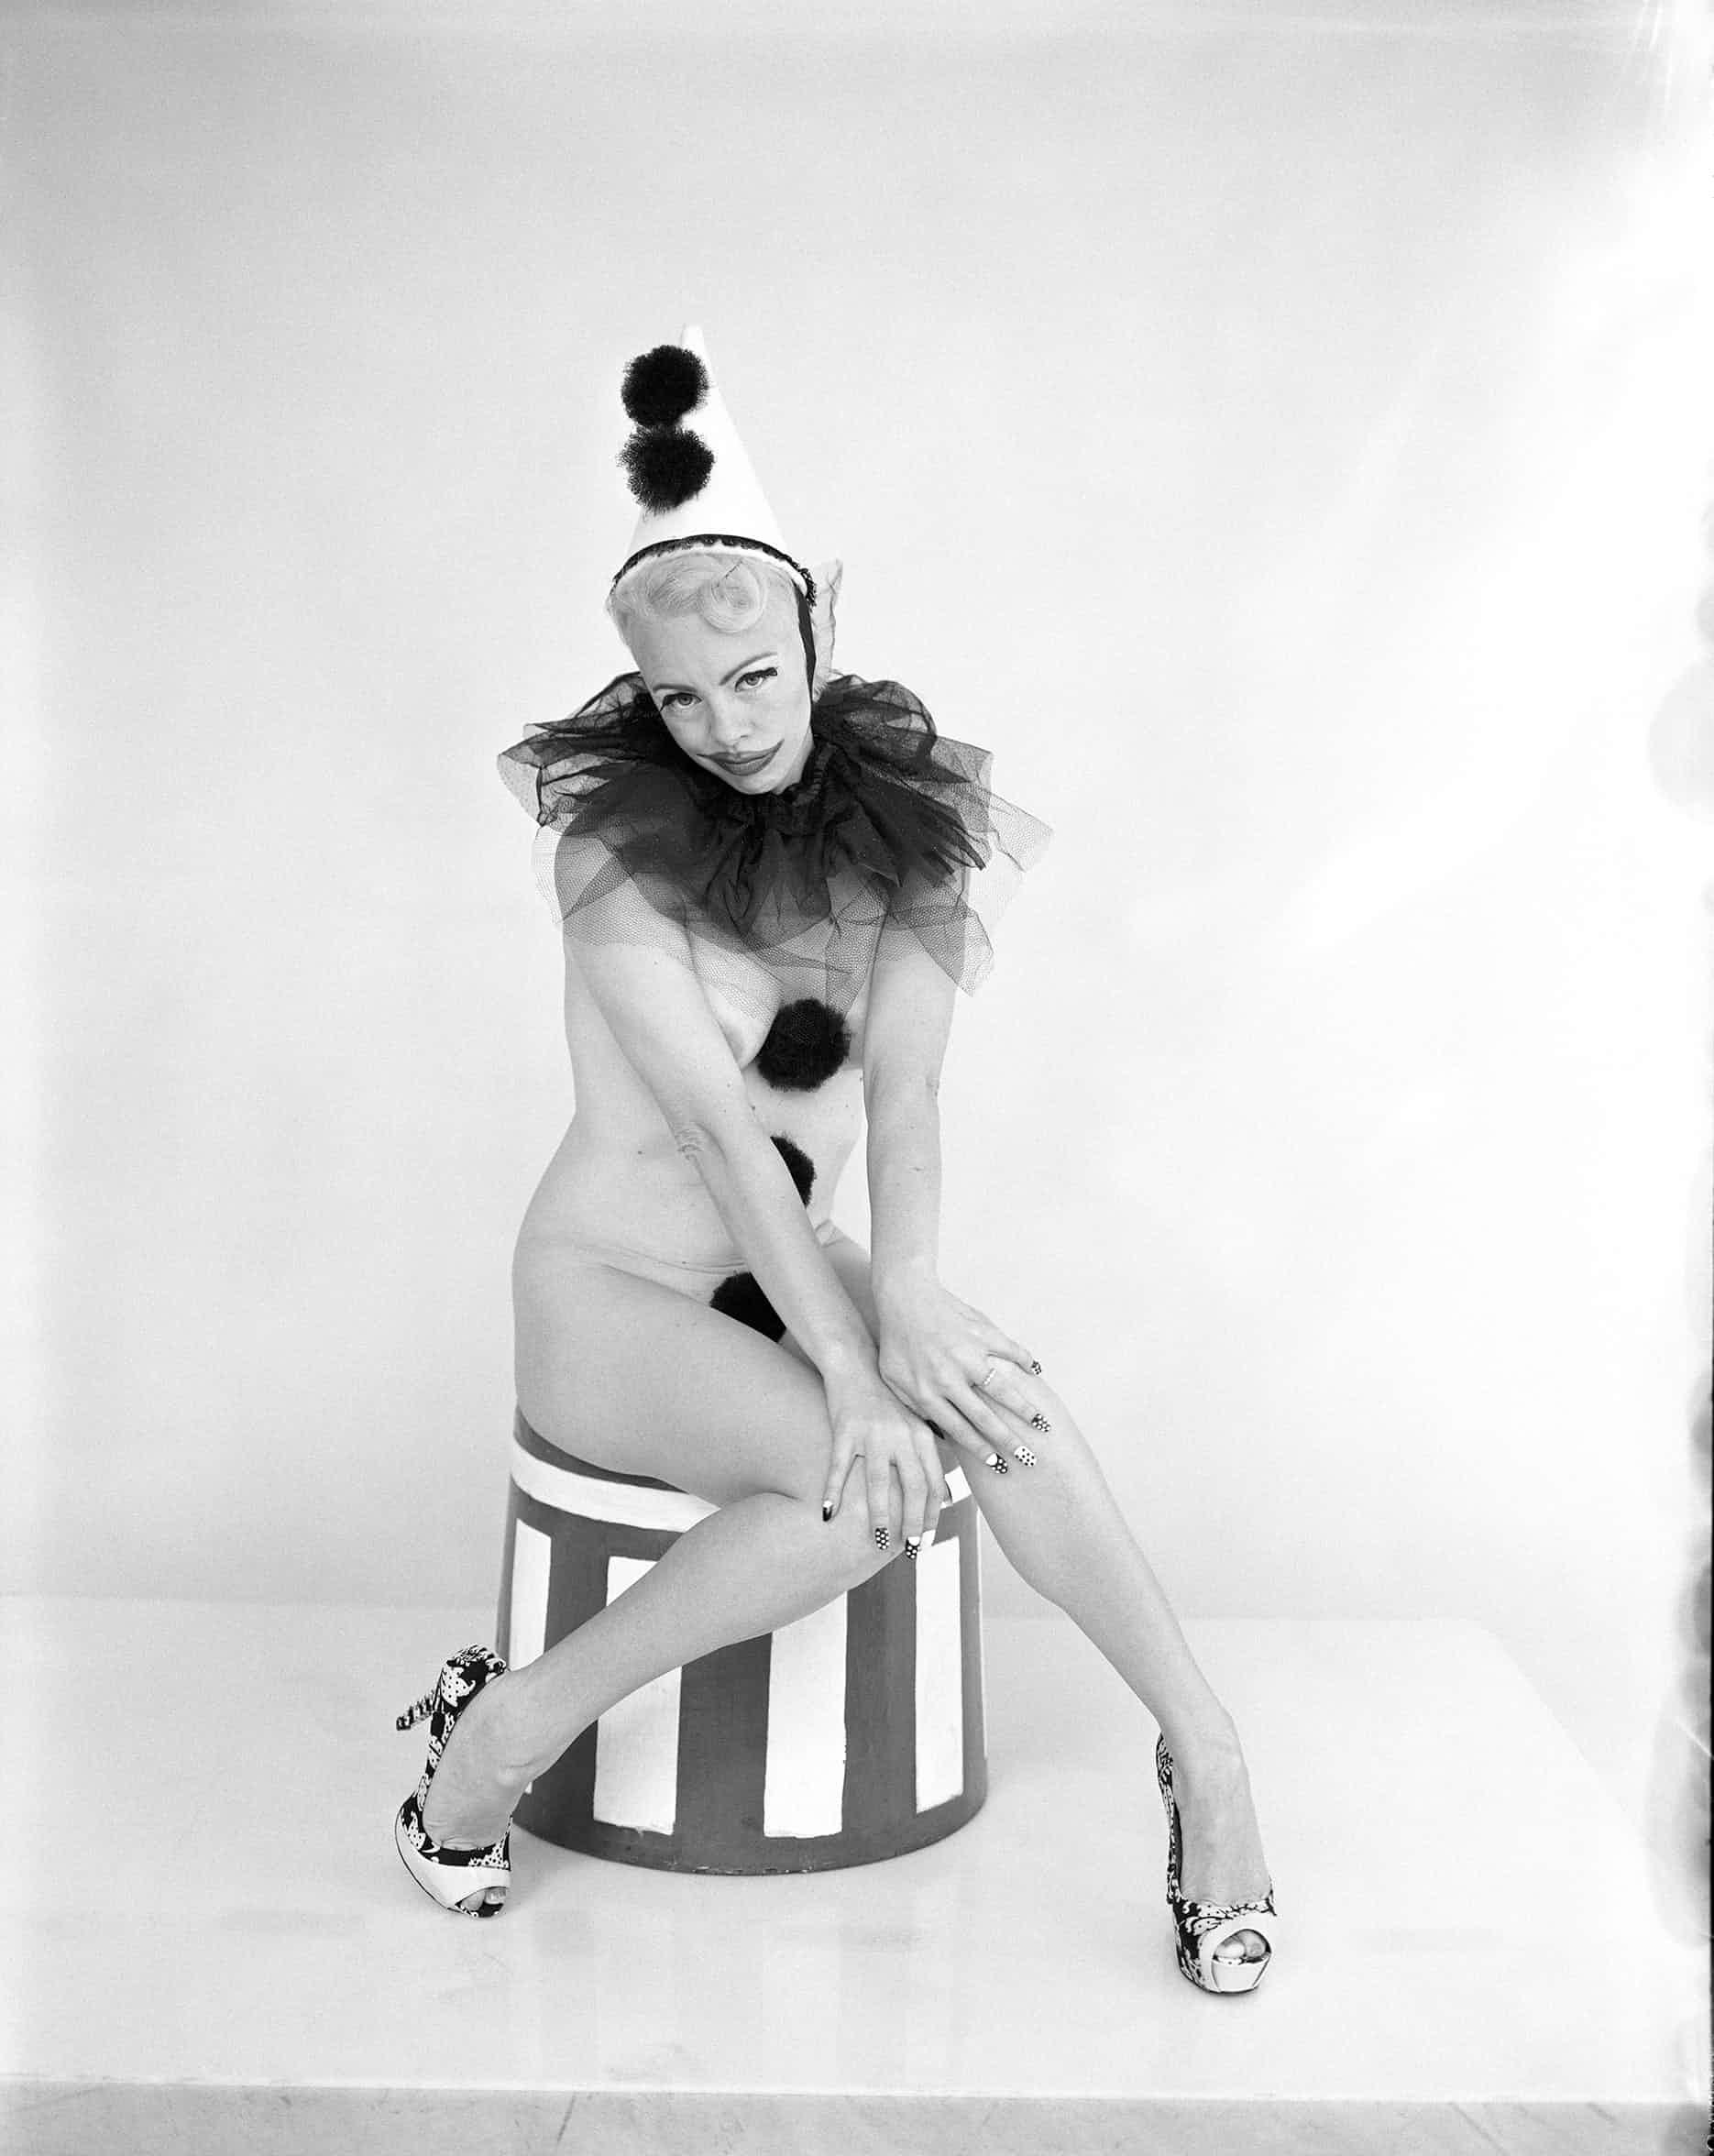 Имоджен    Имоджен Келли — королева австралийского бурлеска, обладательница тит